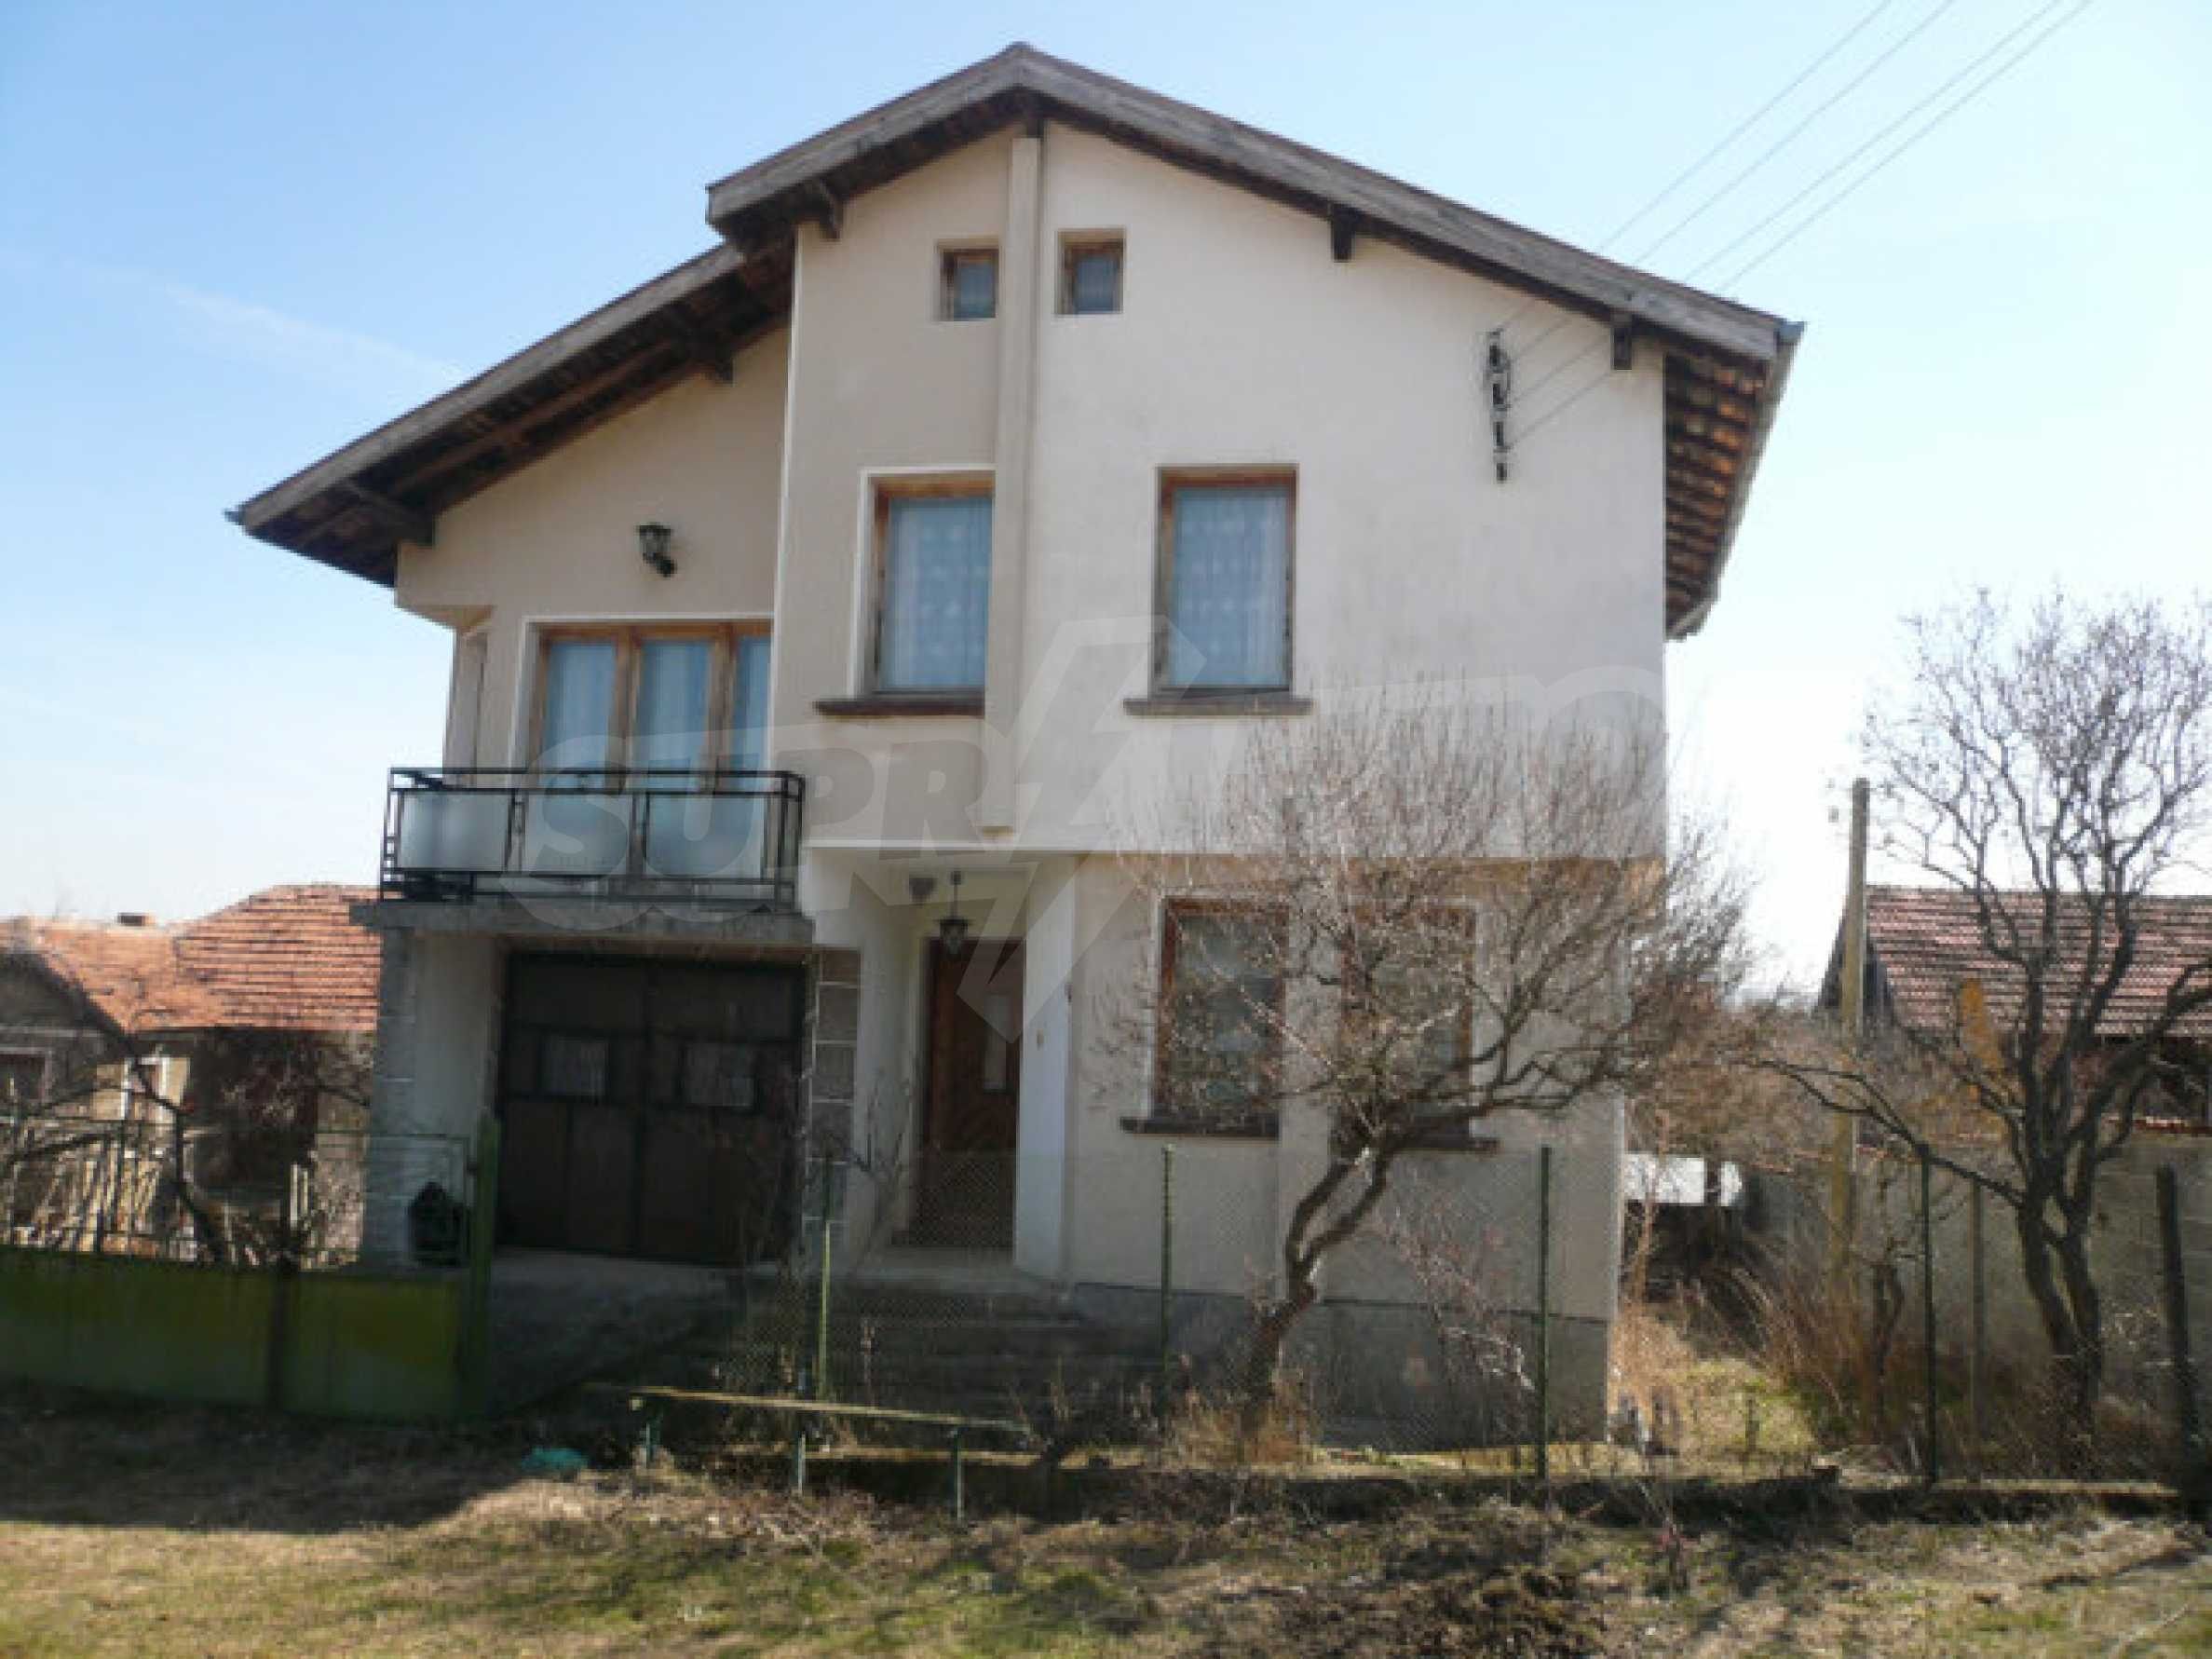 Zweistöckiges Haus in der Nähe von Belogradchik